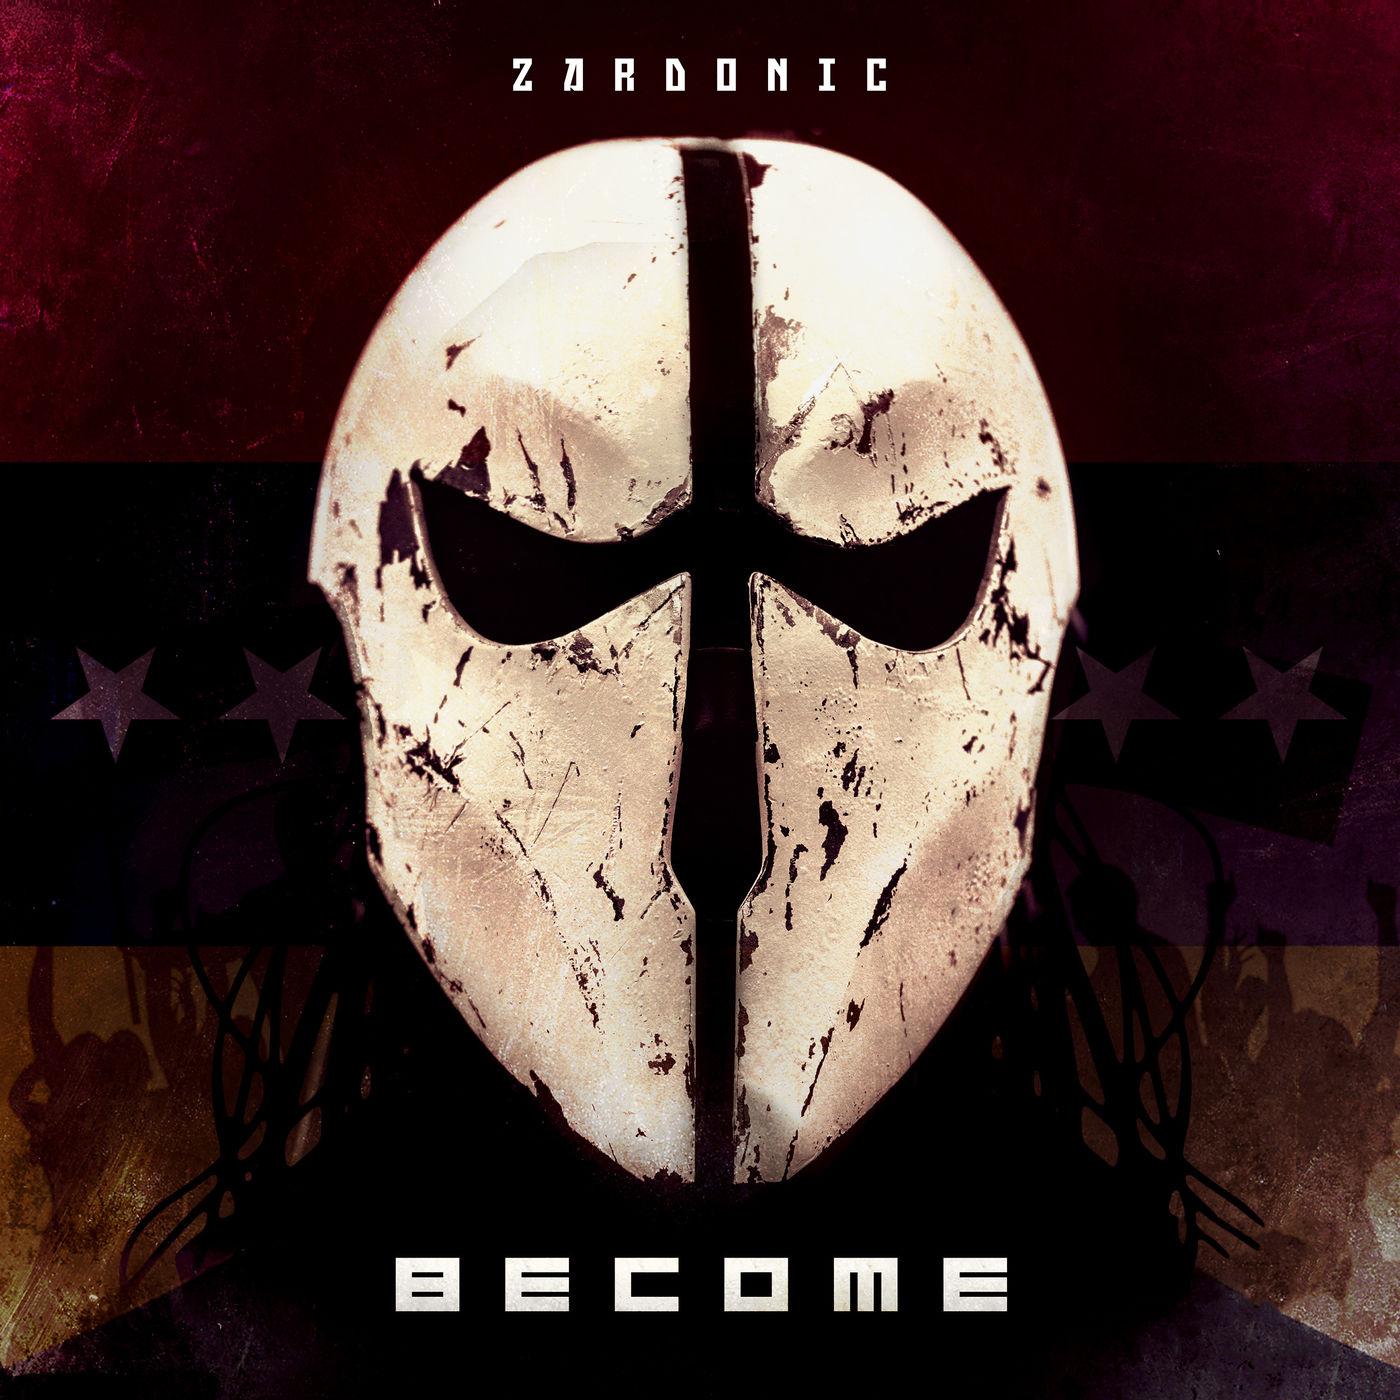 Download torrent Zardonic - Become (2018)